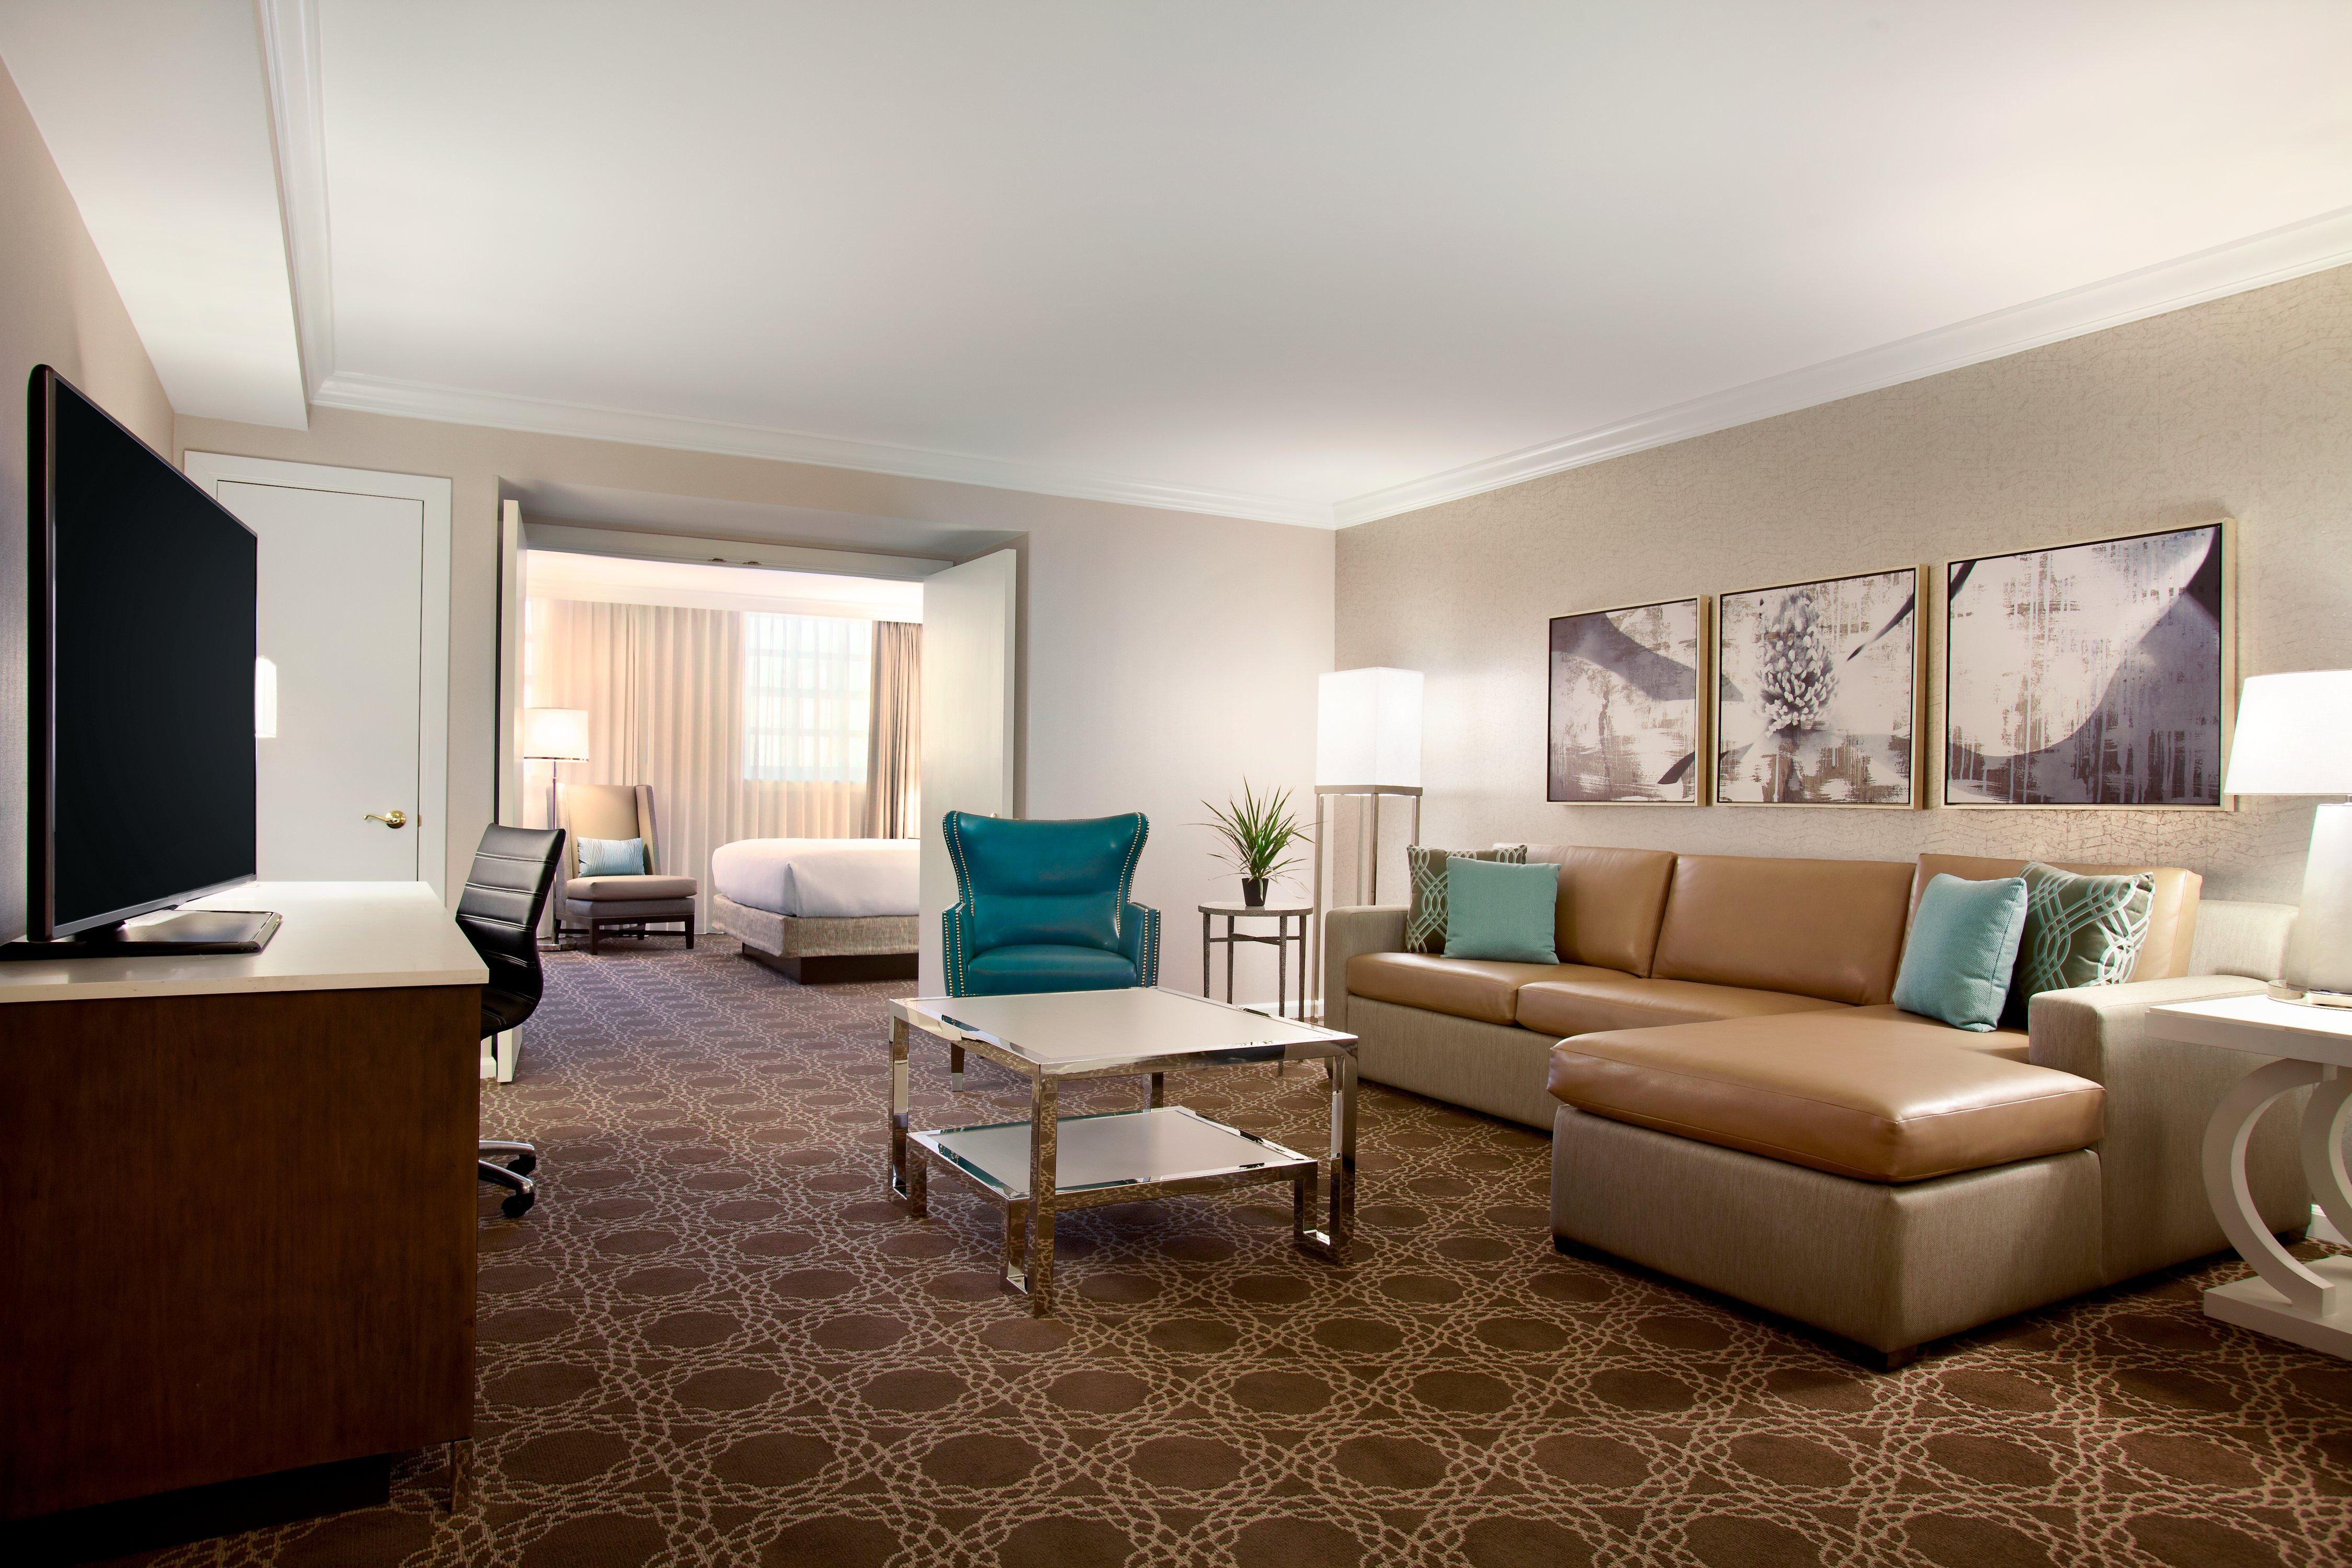 St Charles Hilton - Parlor Suite Living